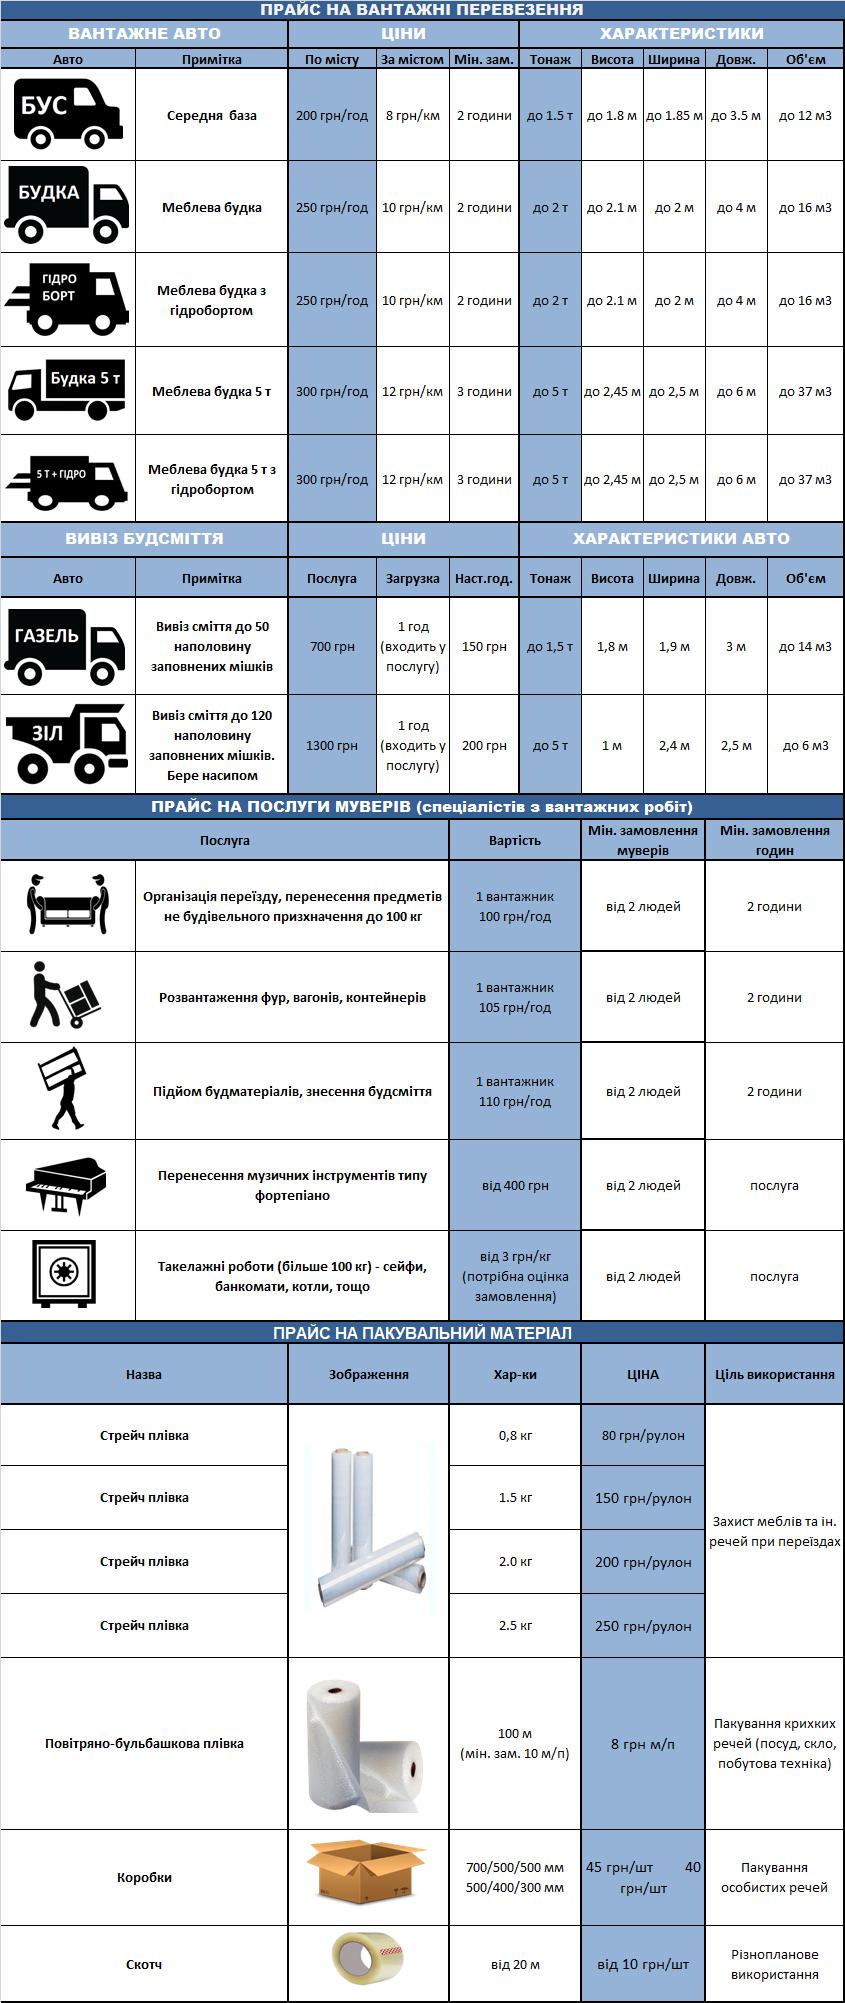 тарифи компанії Український Богатир